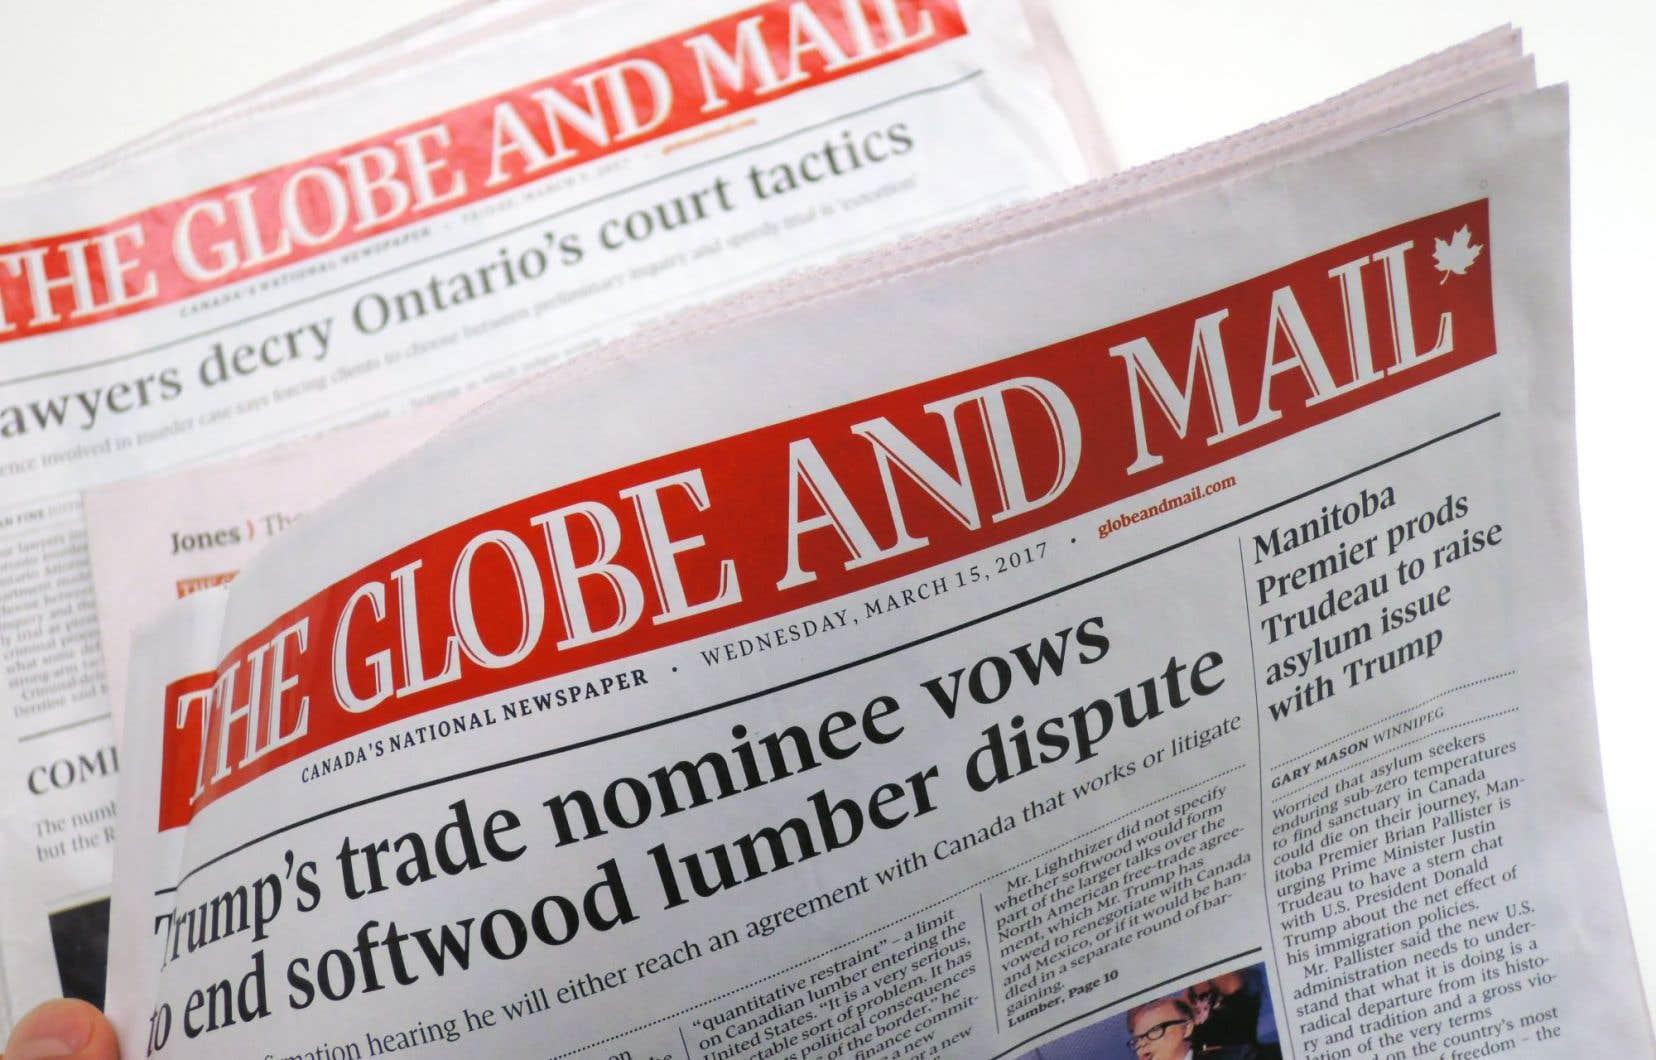 Le «Globe and Mail» a maintenu des bureaux parlementaires dans certaines provinces au Canada, comme l'Ontario et la Colombie-Britannique.